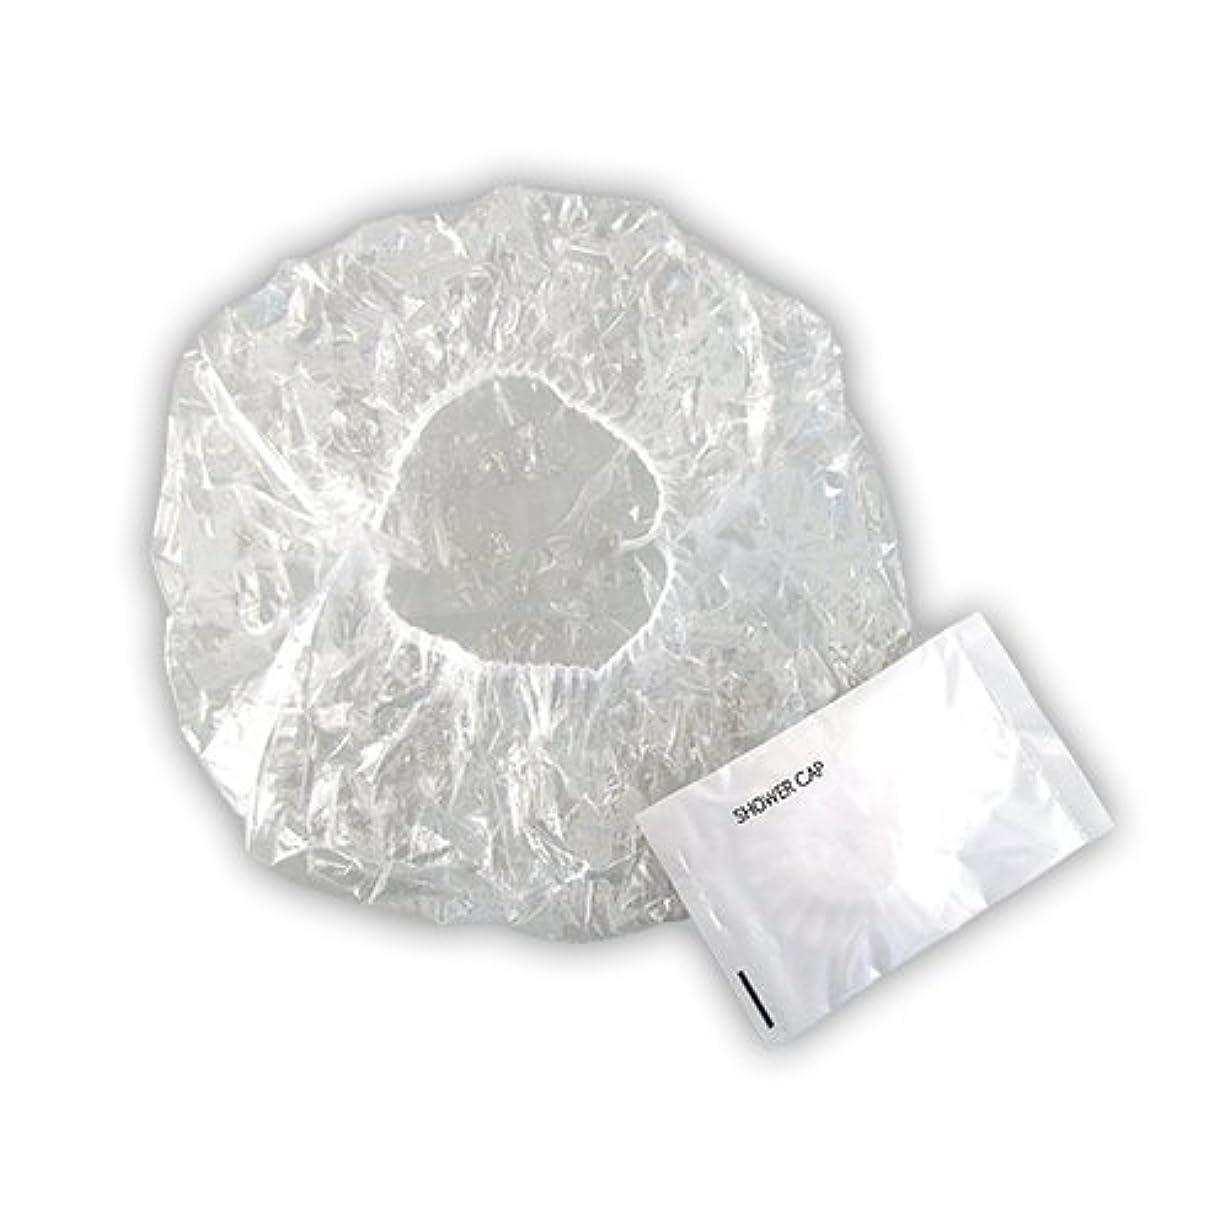 顎浅い密接に使い捨て シャワーキャップ 業務用 個包装タイプ ×50個セット|ホテルアメニティ (SHOWER CAP)